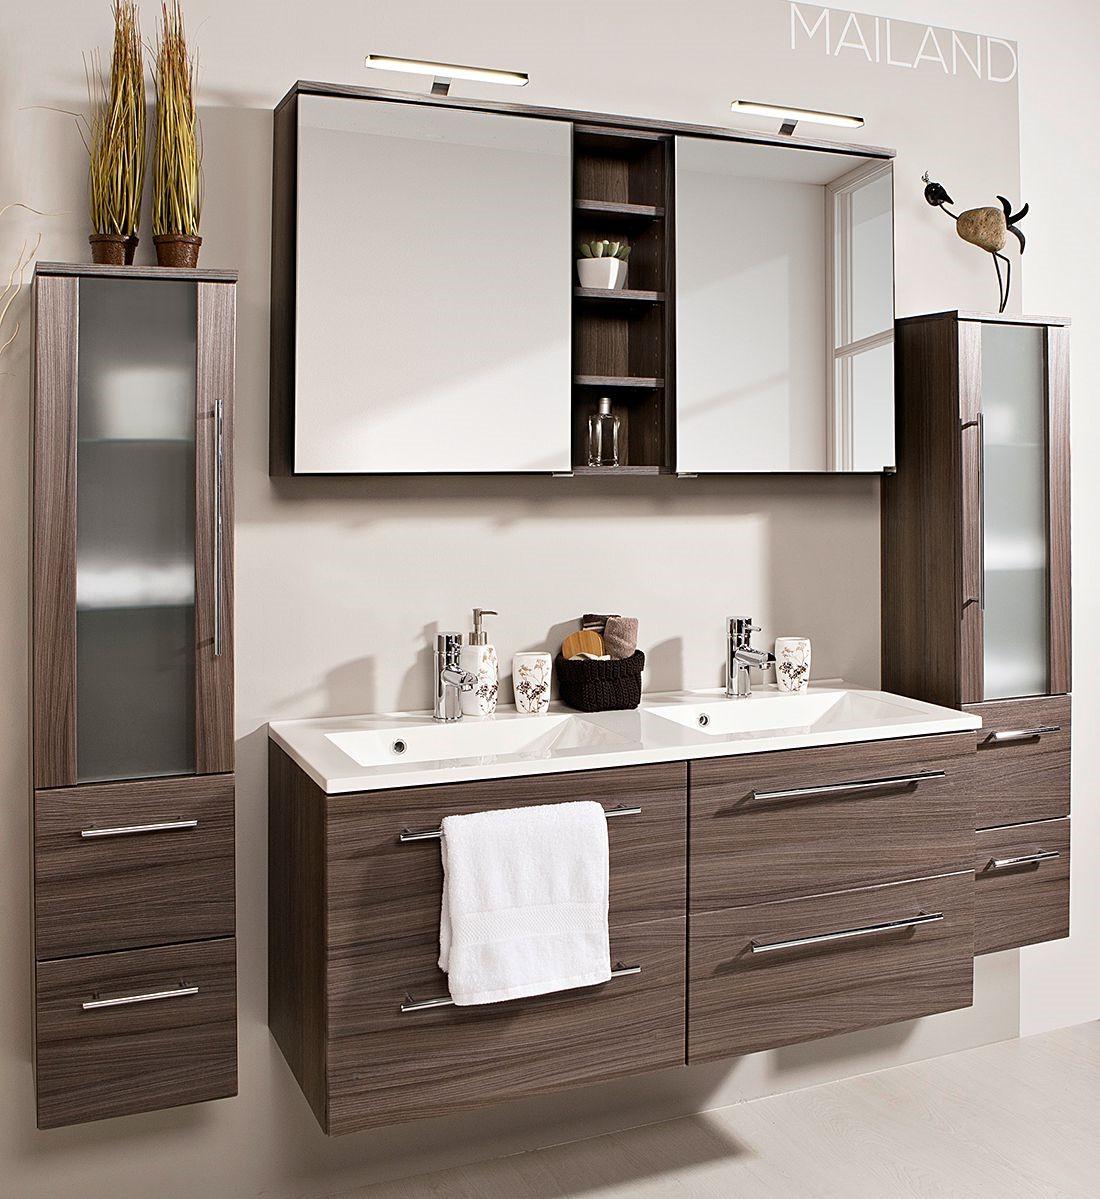 keramag waschtisch 120 preisvergleich die besten angebote online kaufen. Black Bedroom Furniture Sets. Home Design Ideas